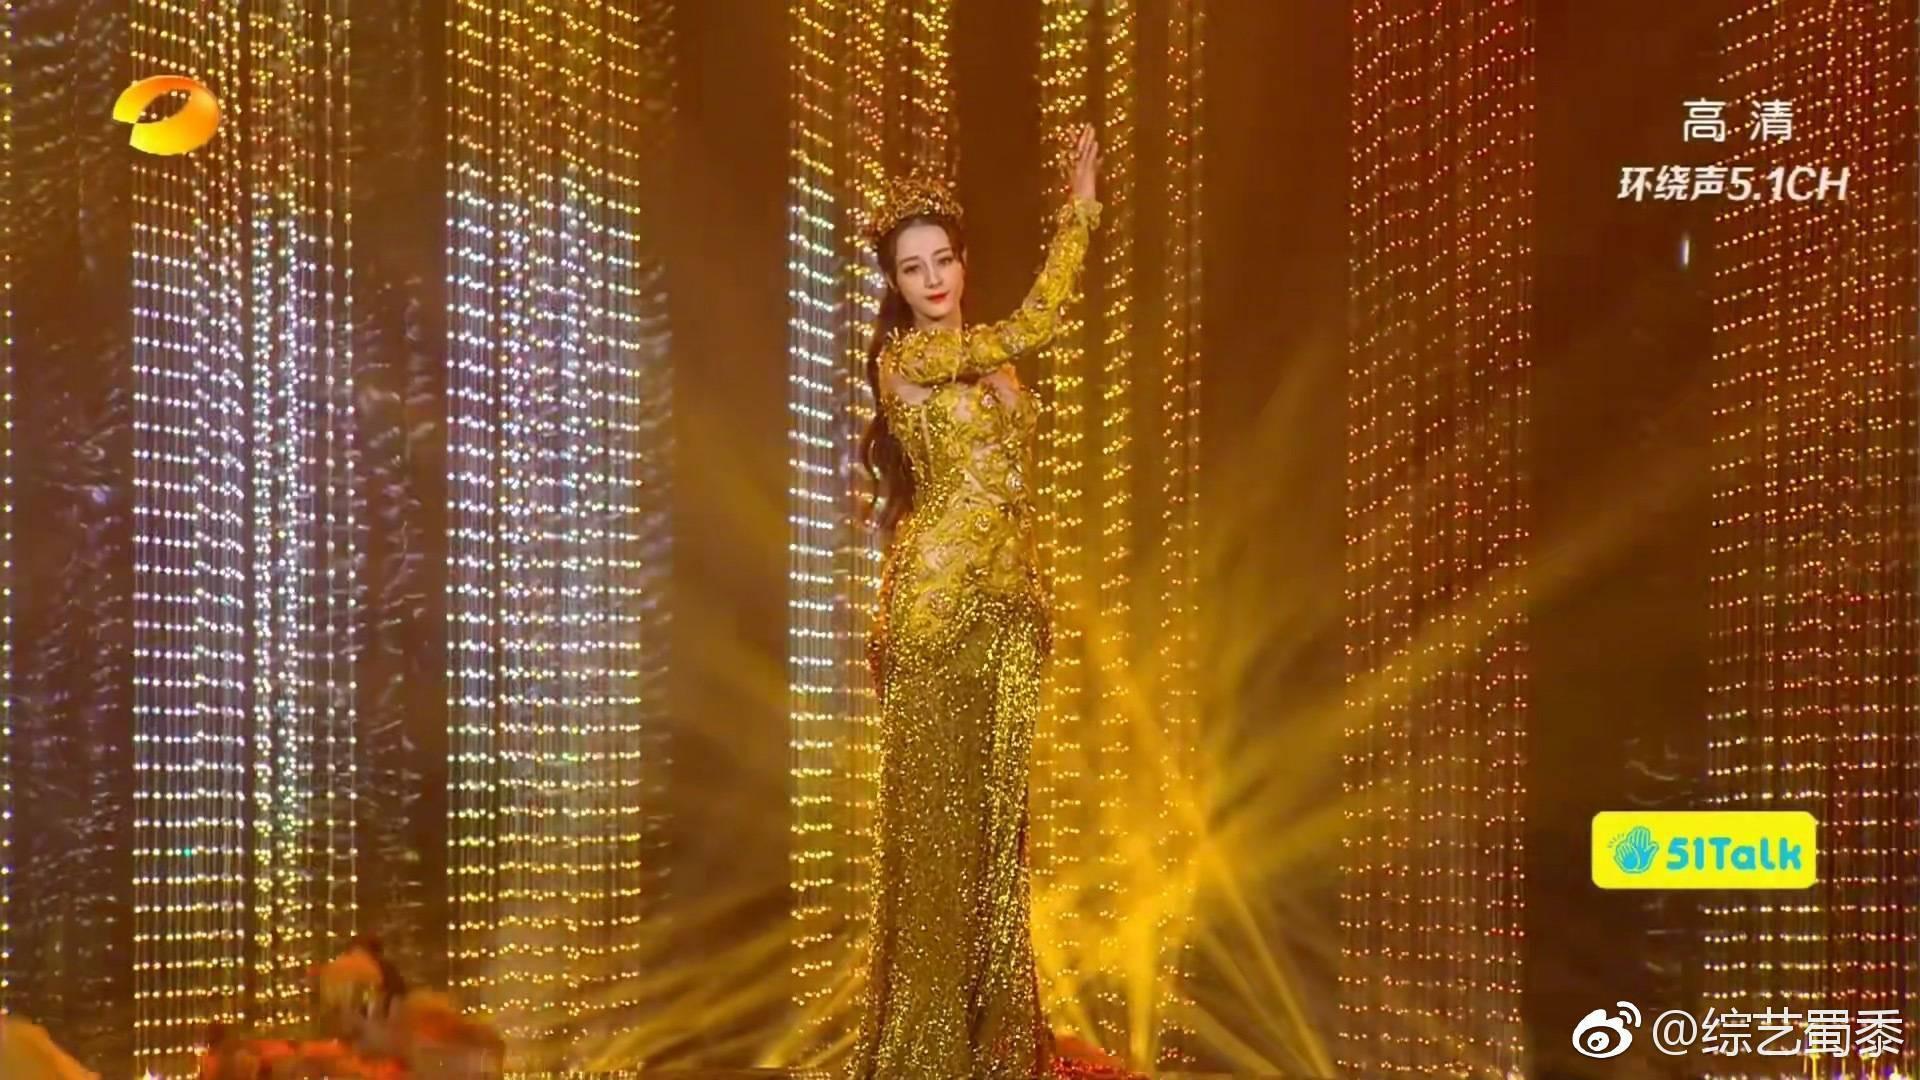 Mỹ nhân cực phẩm nhất đêm nay: Địch Lệ Nhiệt Ba hoá thân thành Nữ thần Kim Ưng, xuất sắc như tiên giáng trần - Ảnh 6.